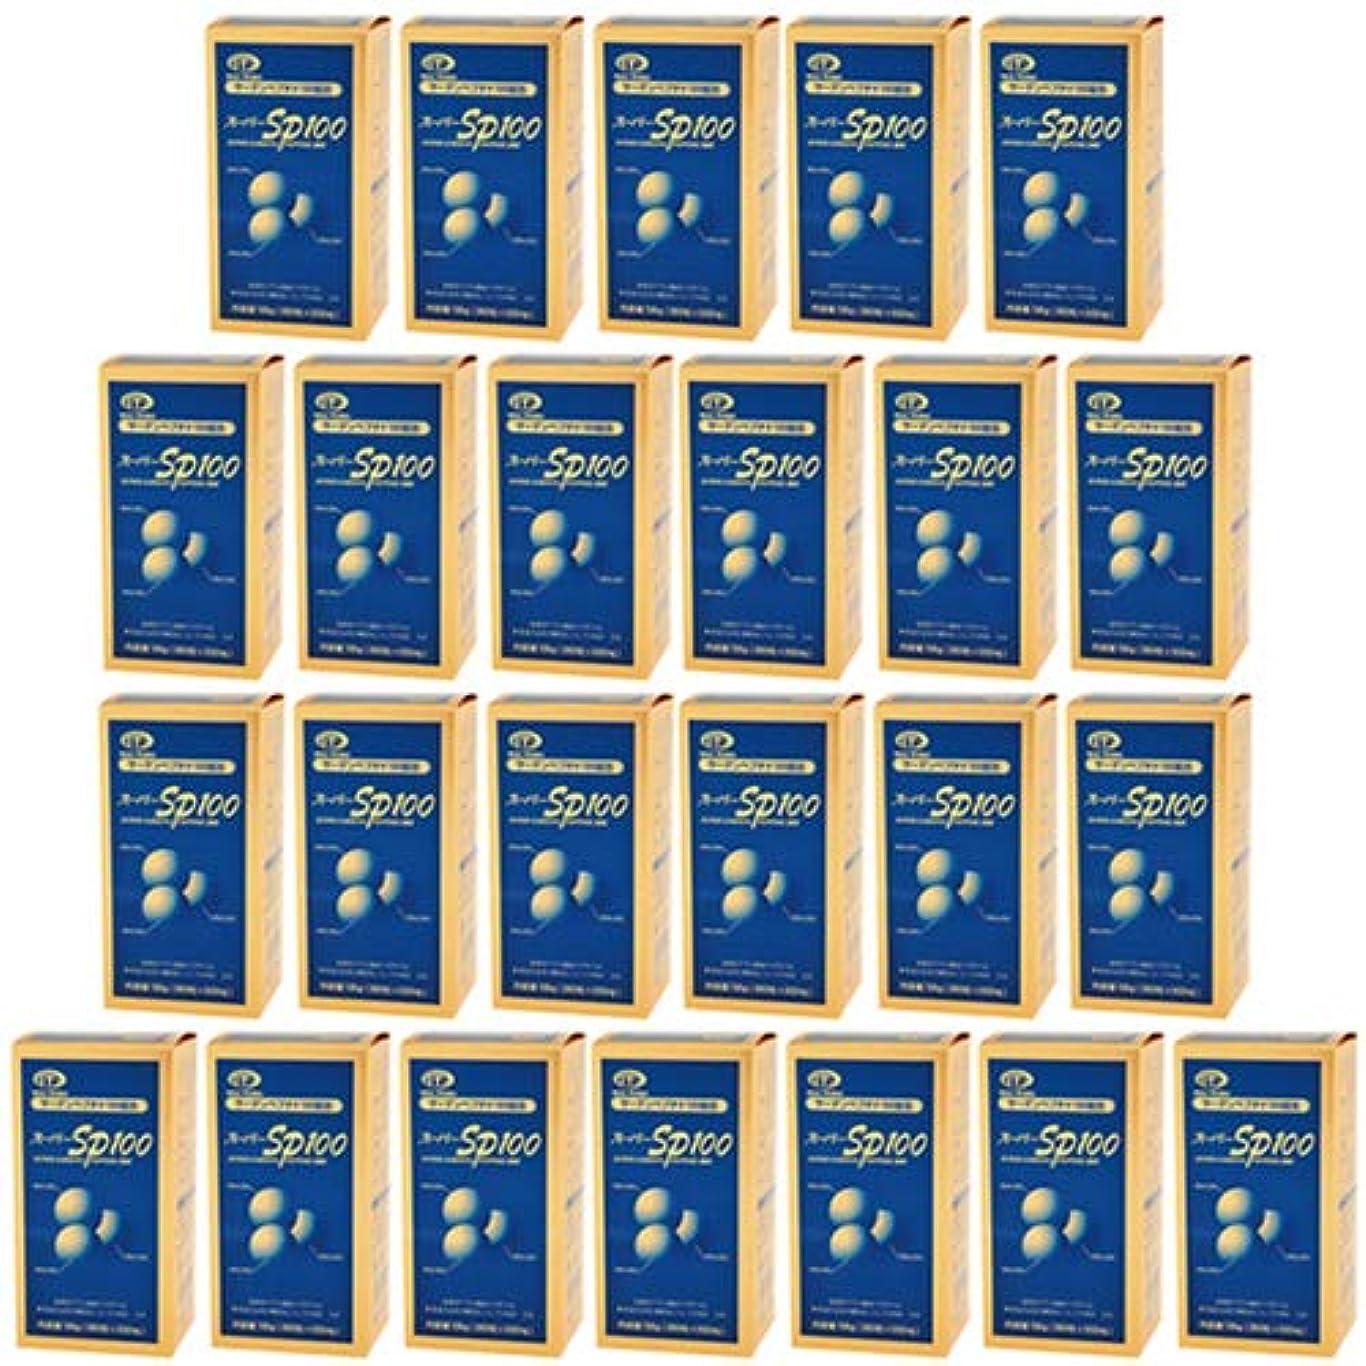 クリスマス扱うで出来ているスーパーSP100(イワシペプチド)(360粒) 24箱